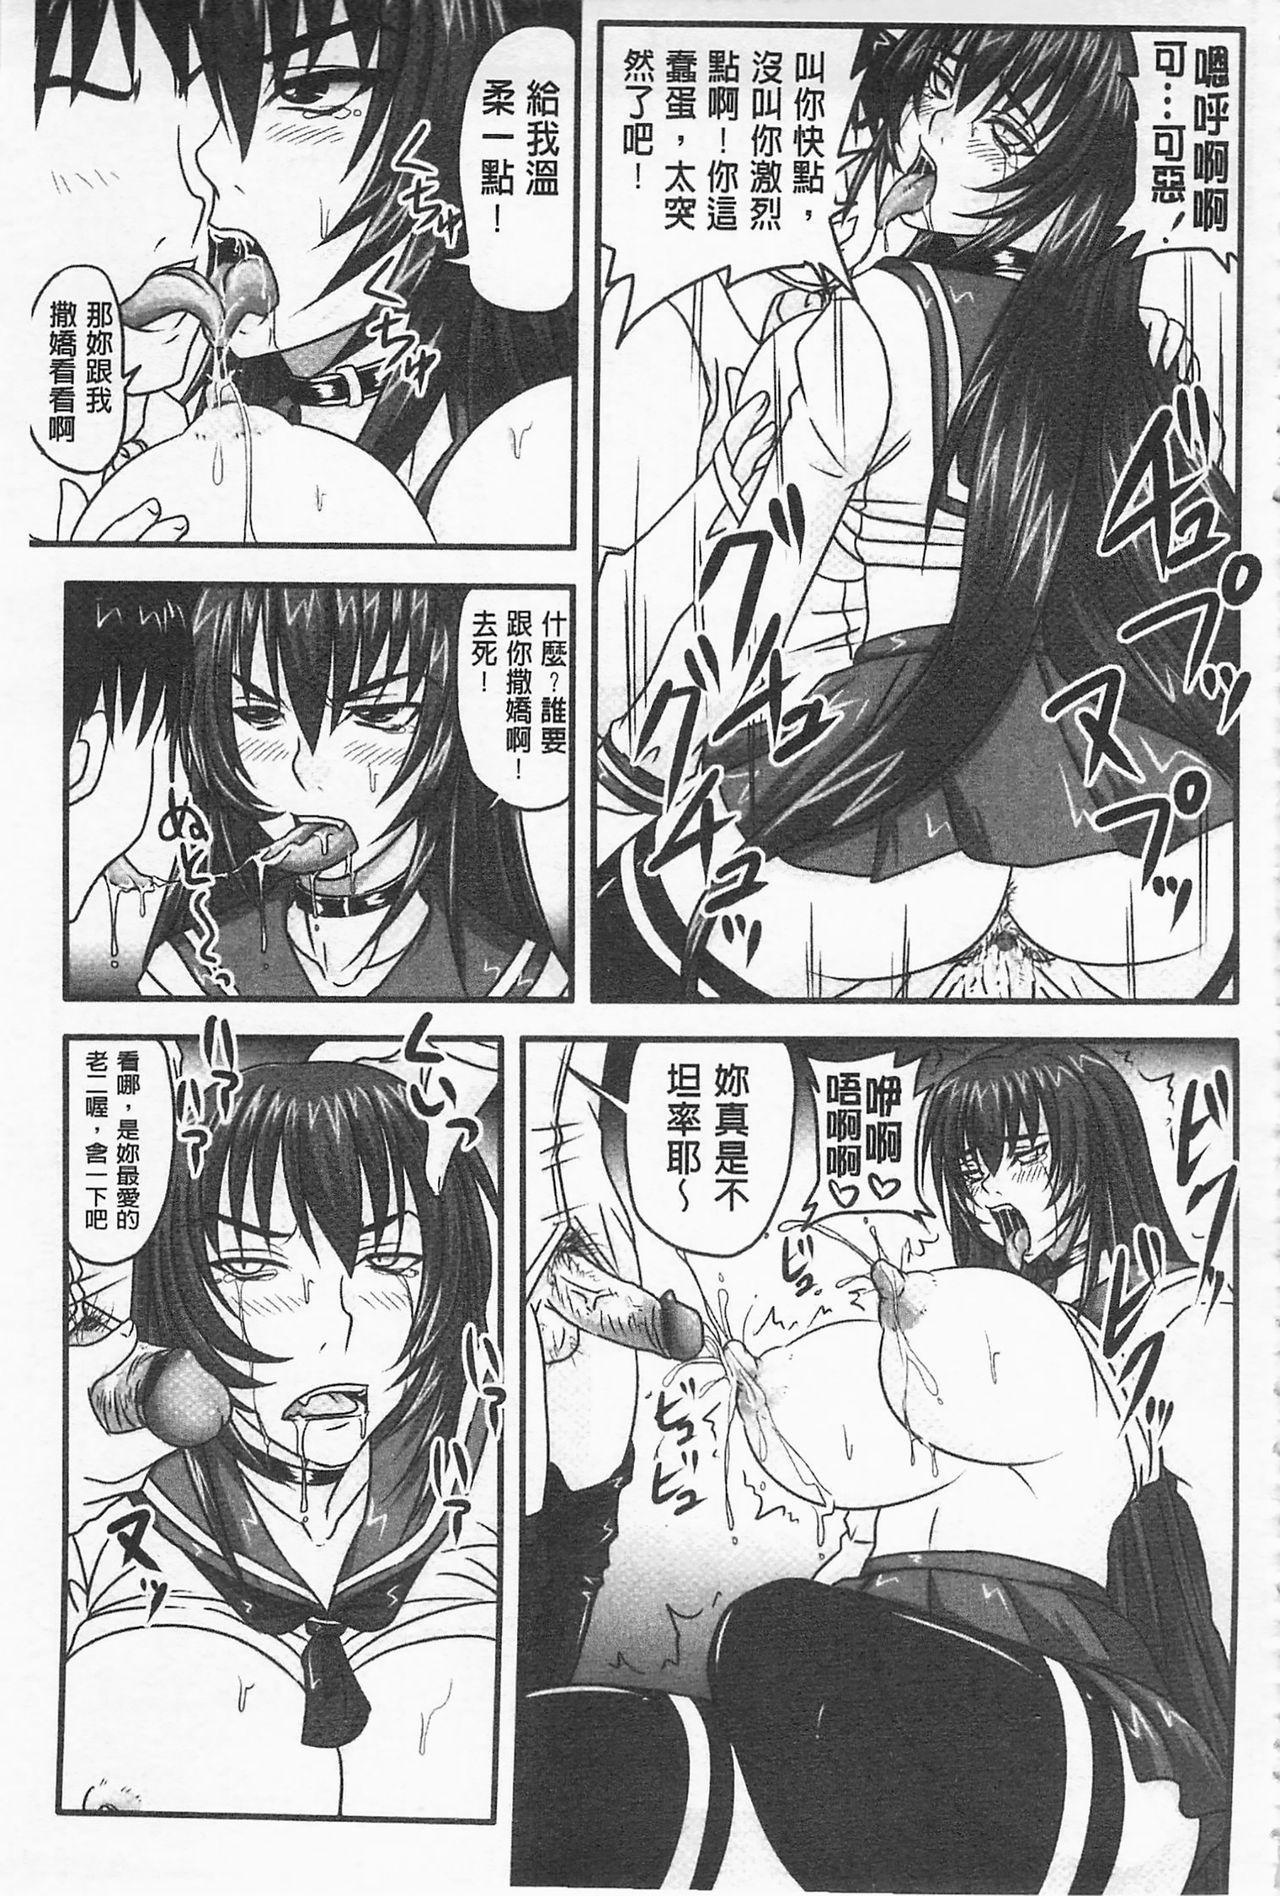 [Nozarashi Satoru] Do S na Hime wa Kegasareru -Inga no Shou- | 超S的公主被玷汙了 ~因果之章~ [Chinese] 107